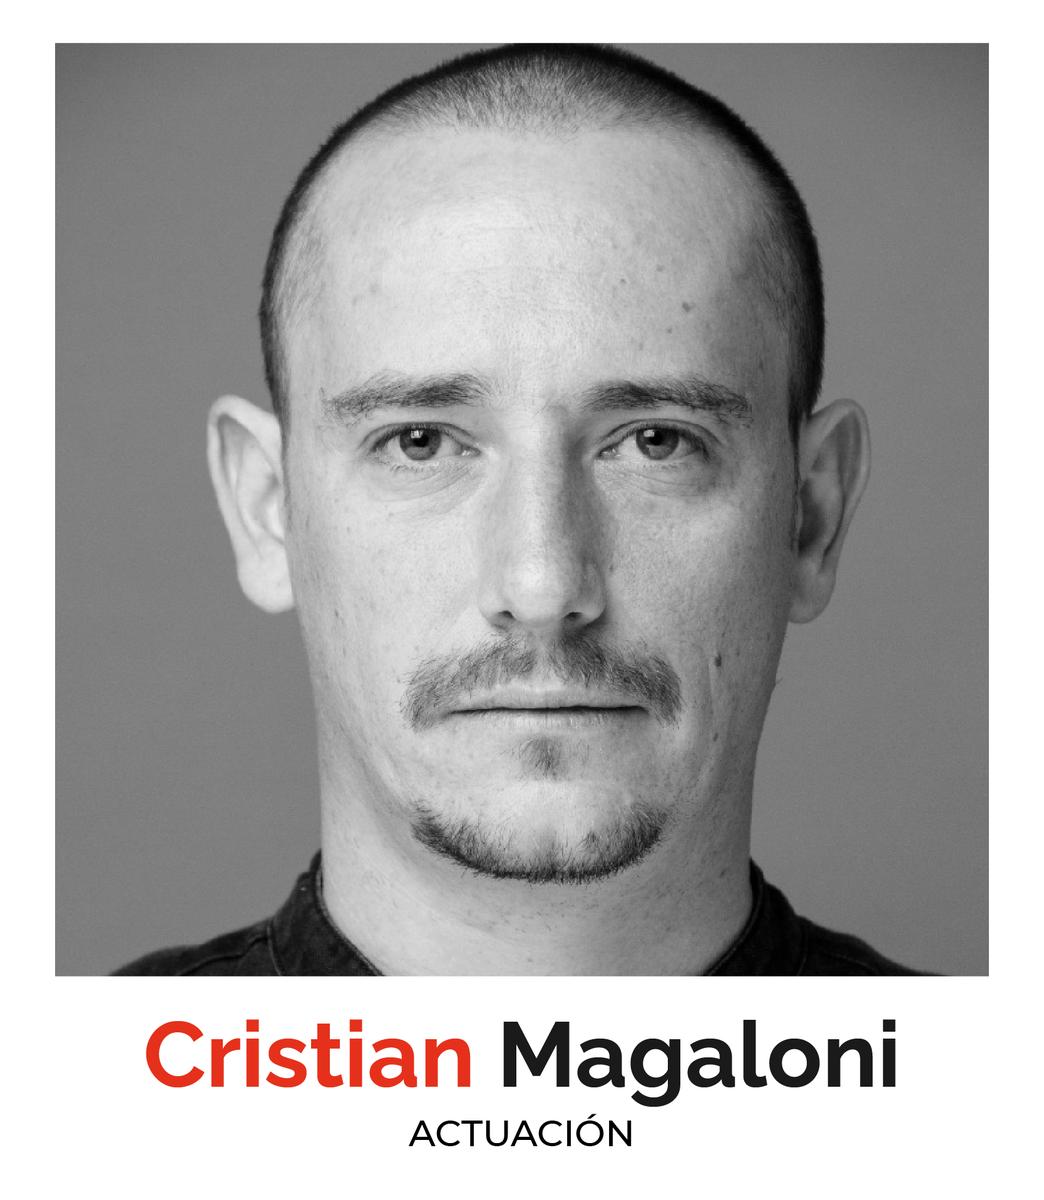 Cristian Magaloni